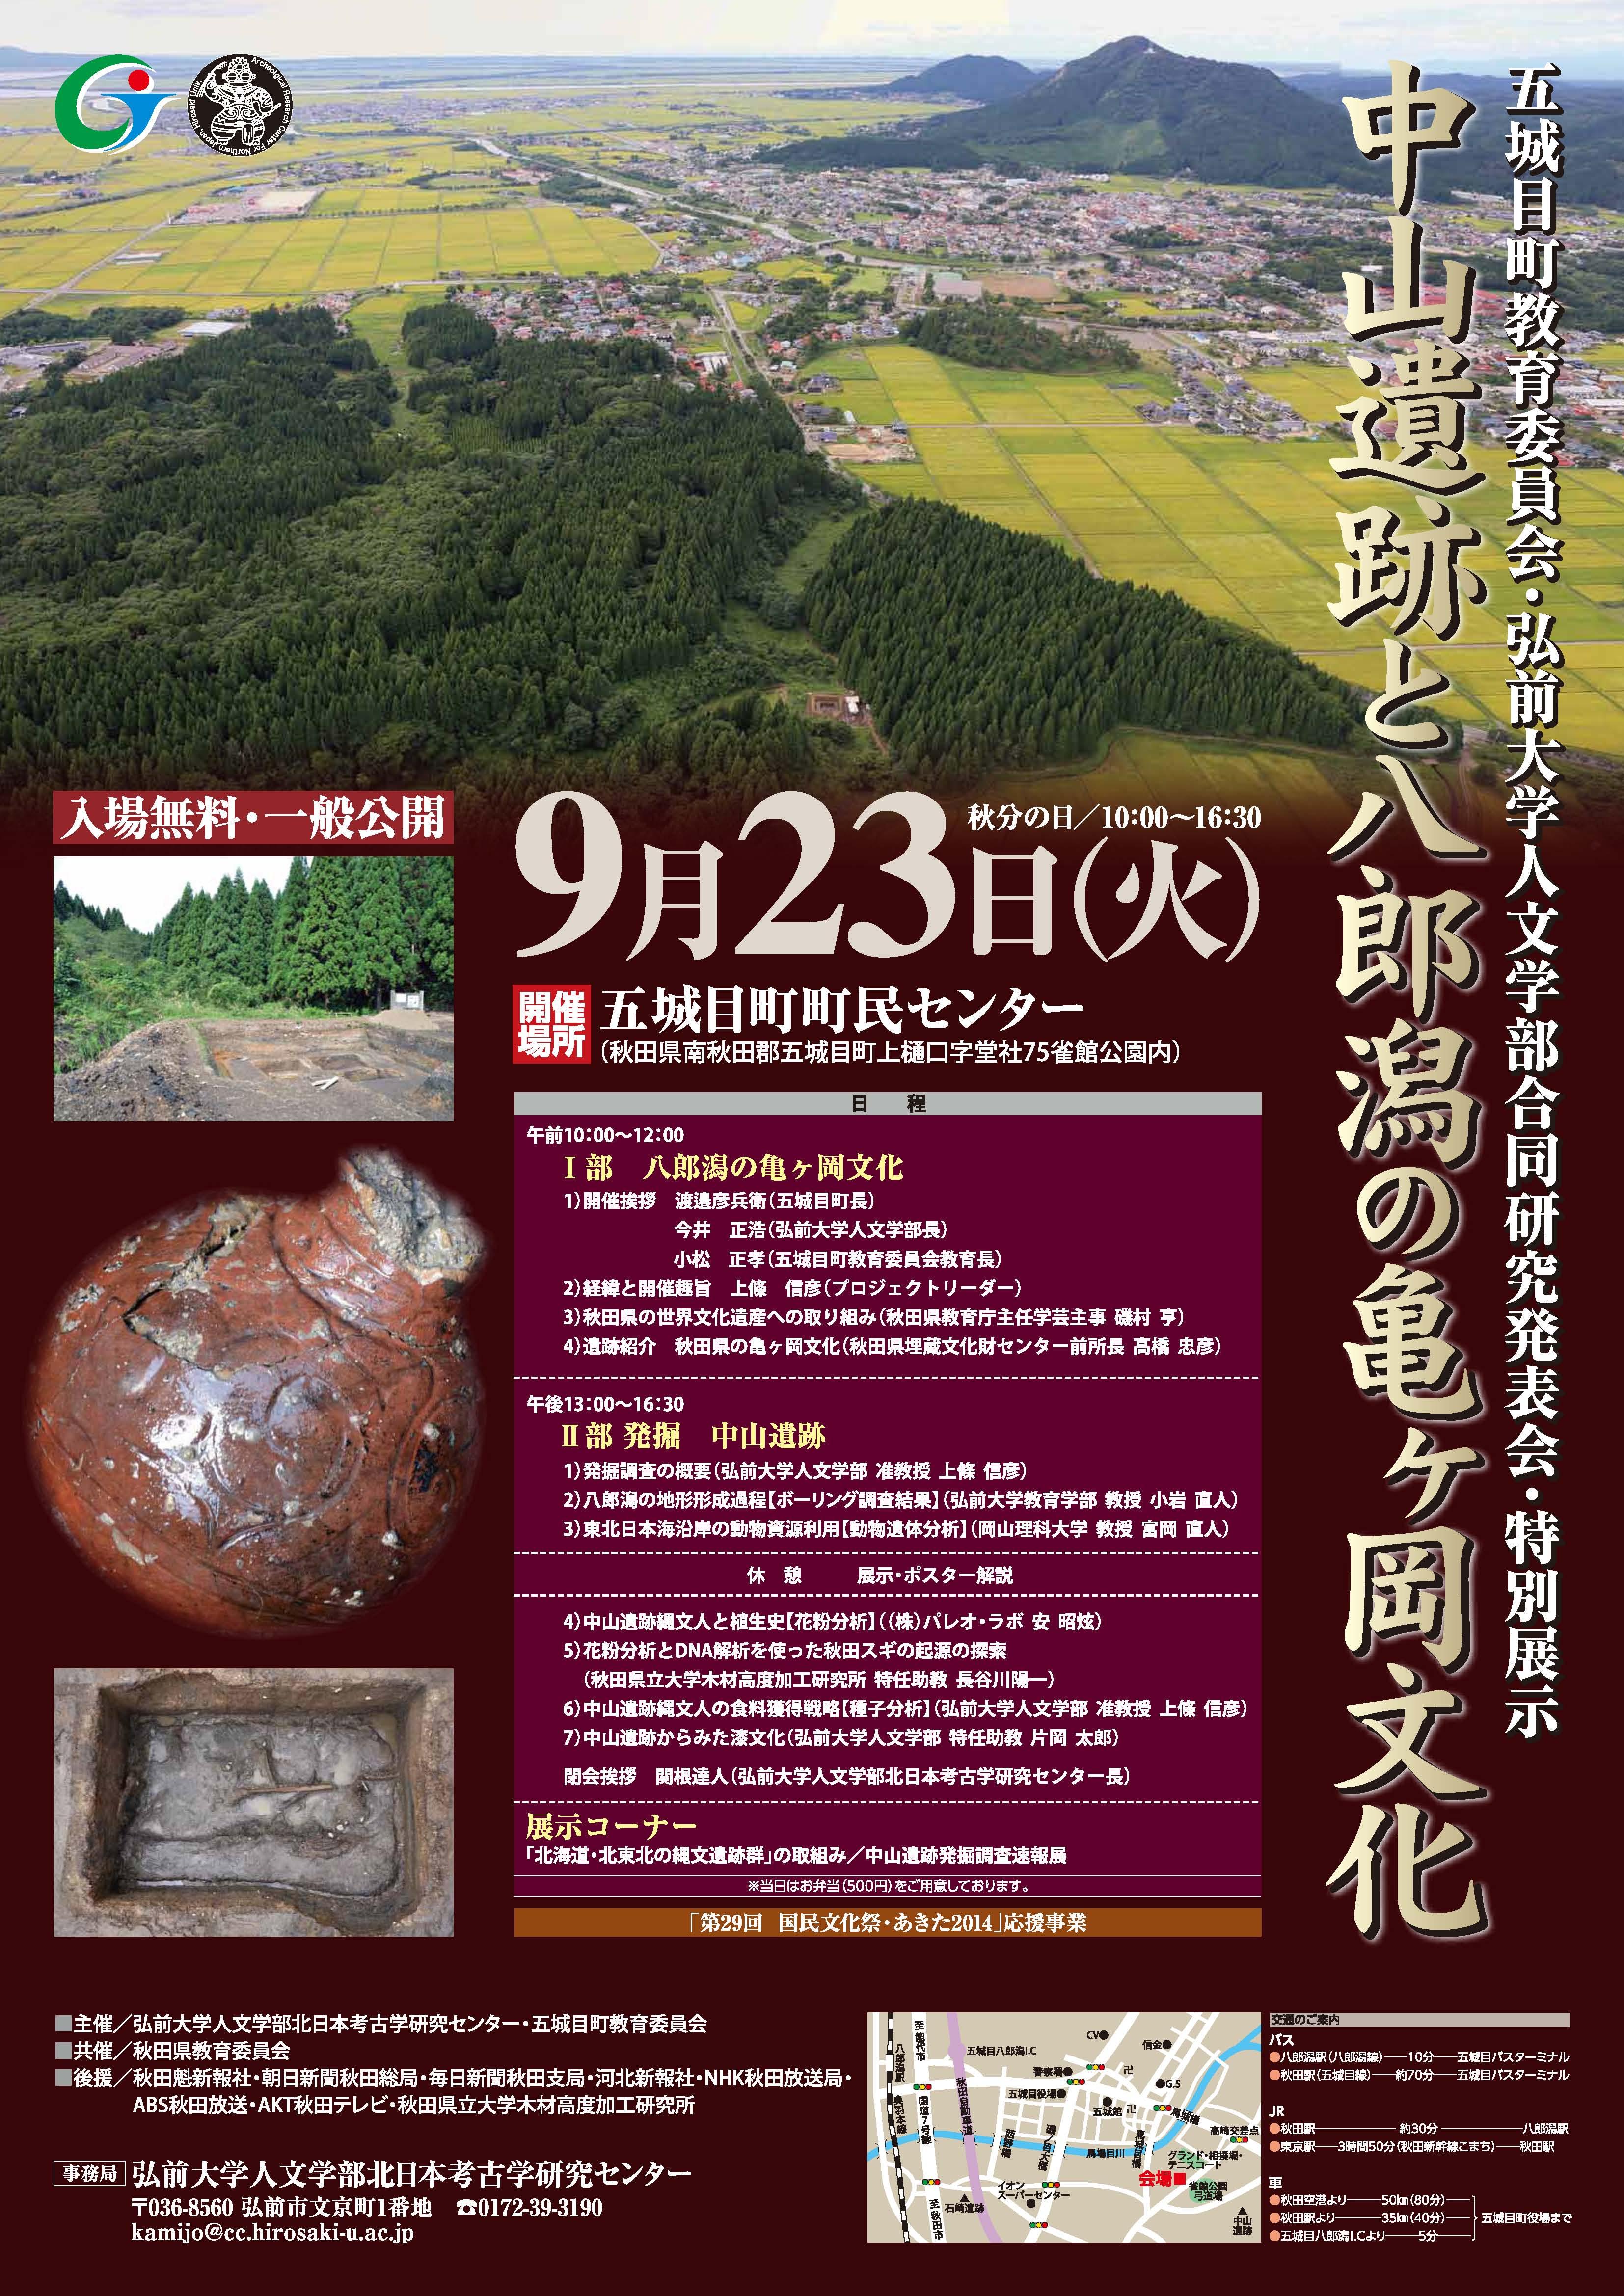 中山遺跡と八郎潟の亀ヶ岡A2_OL